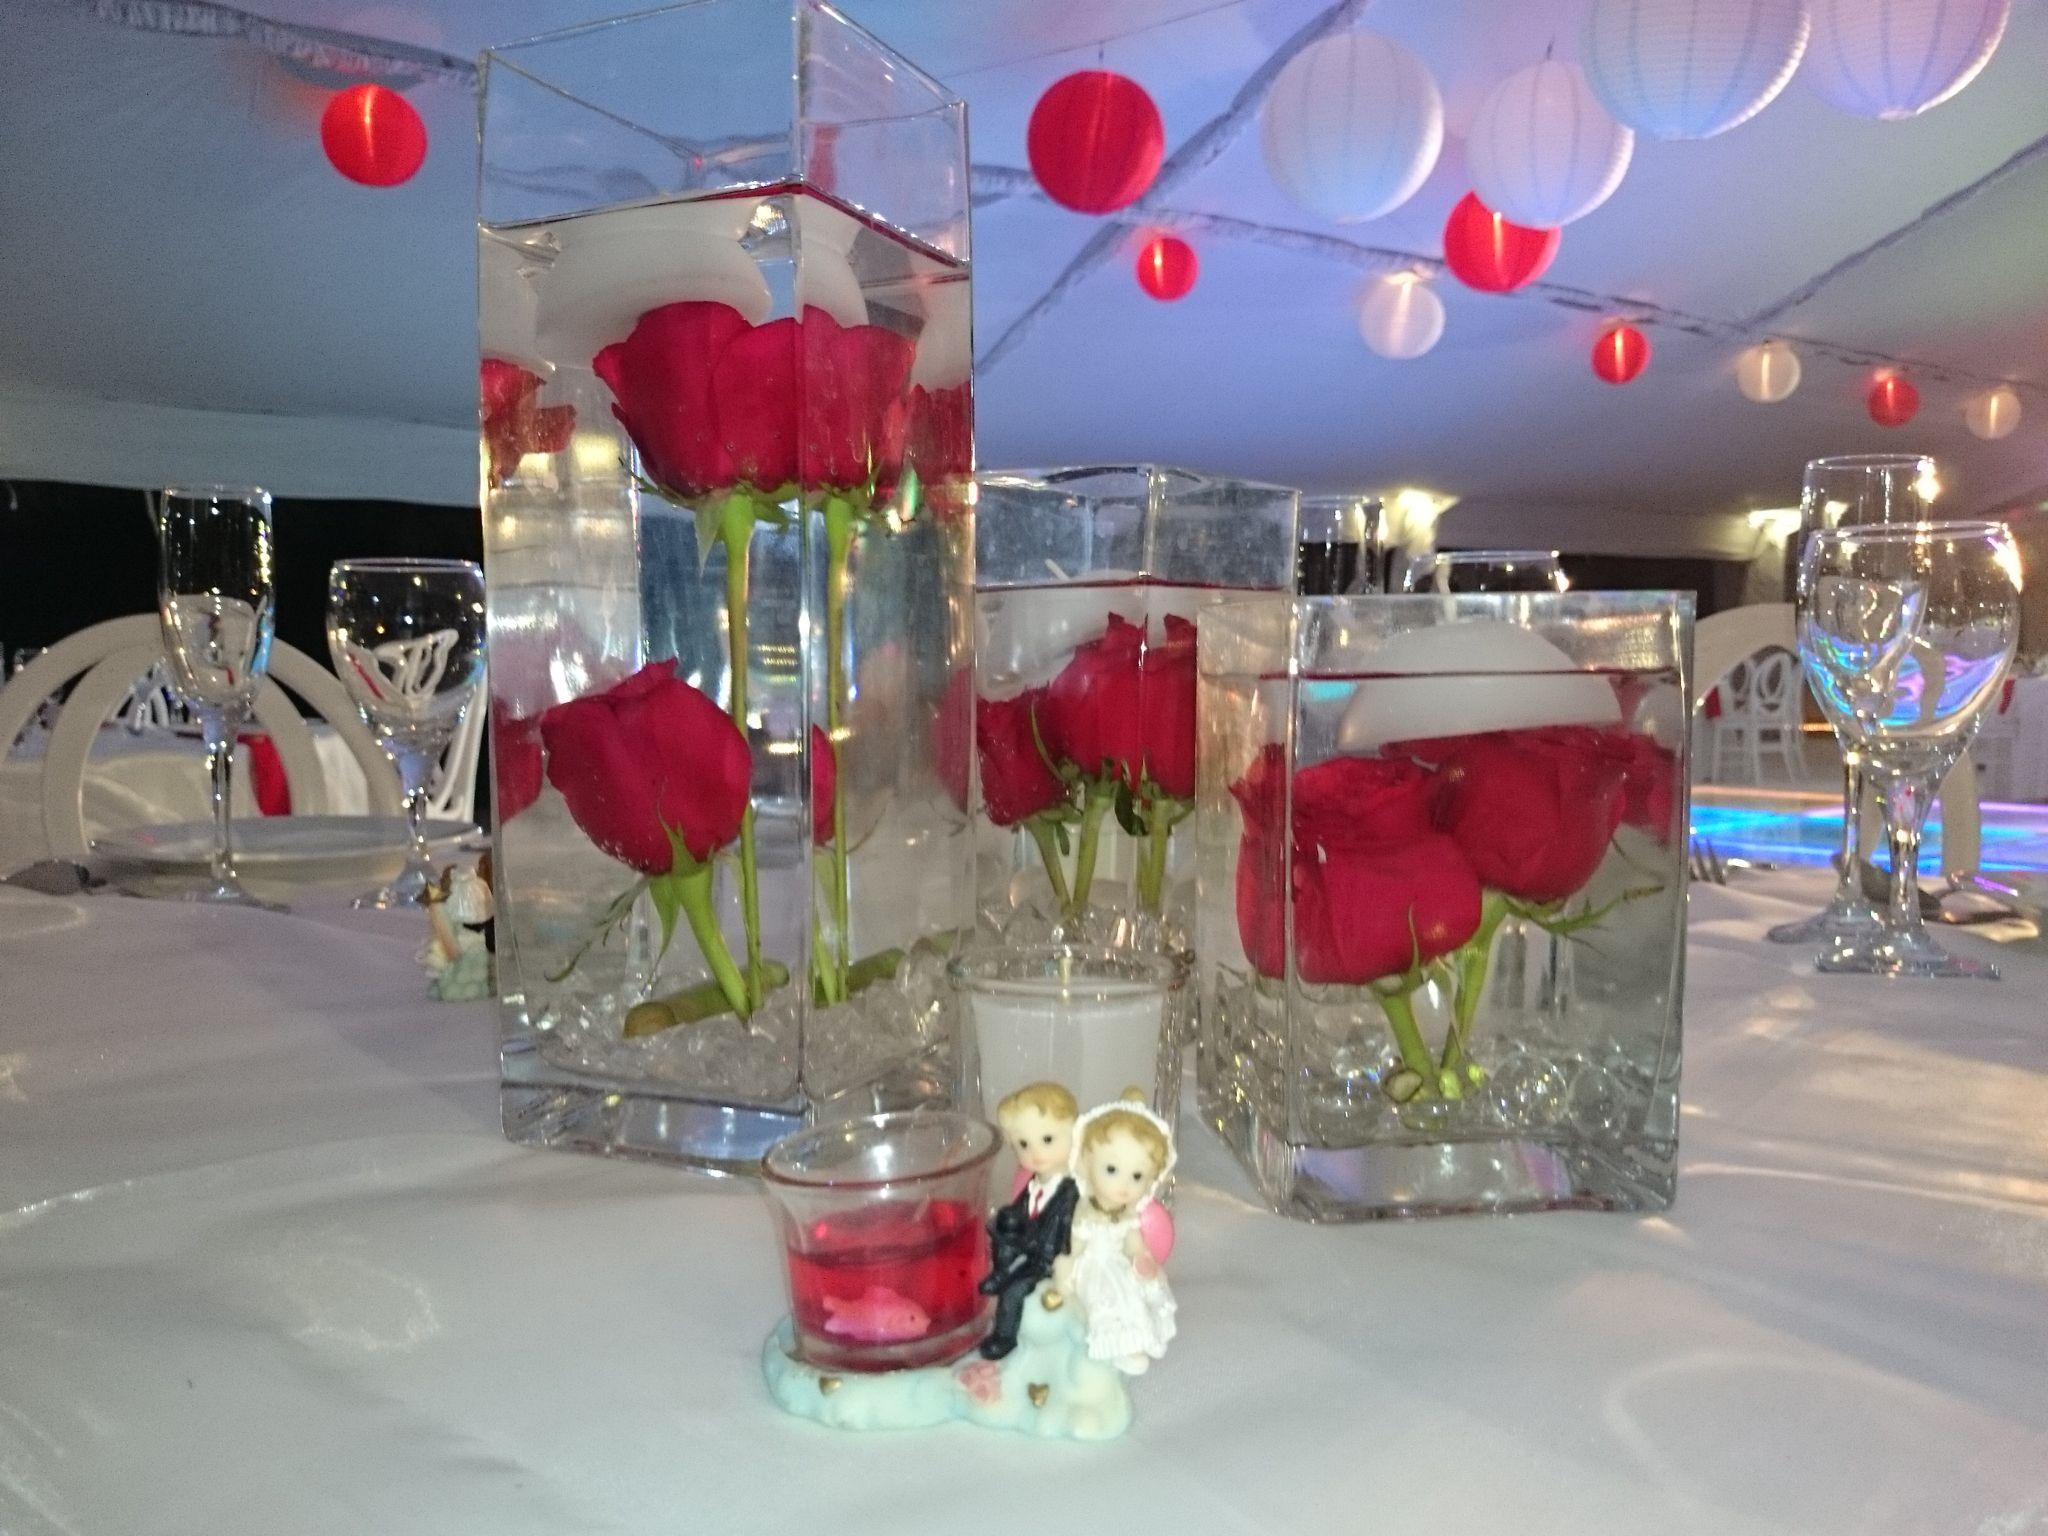 Centro de mesa color rojo rosas boda playa canc n for Decoracion en cancun